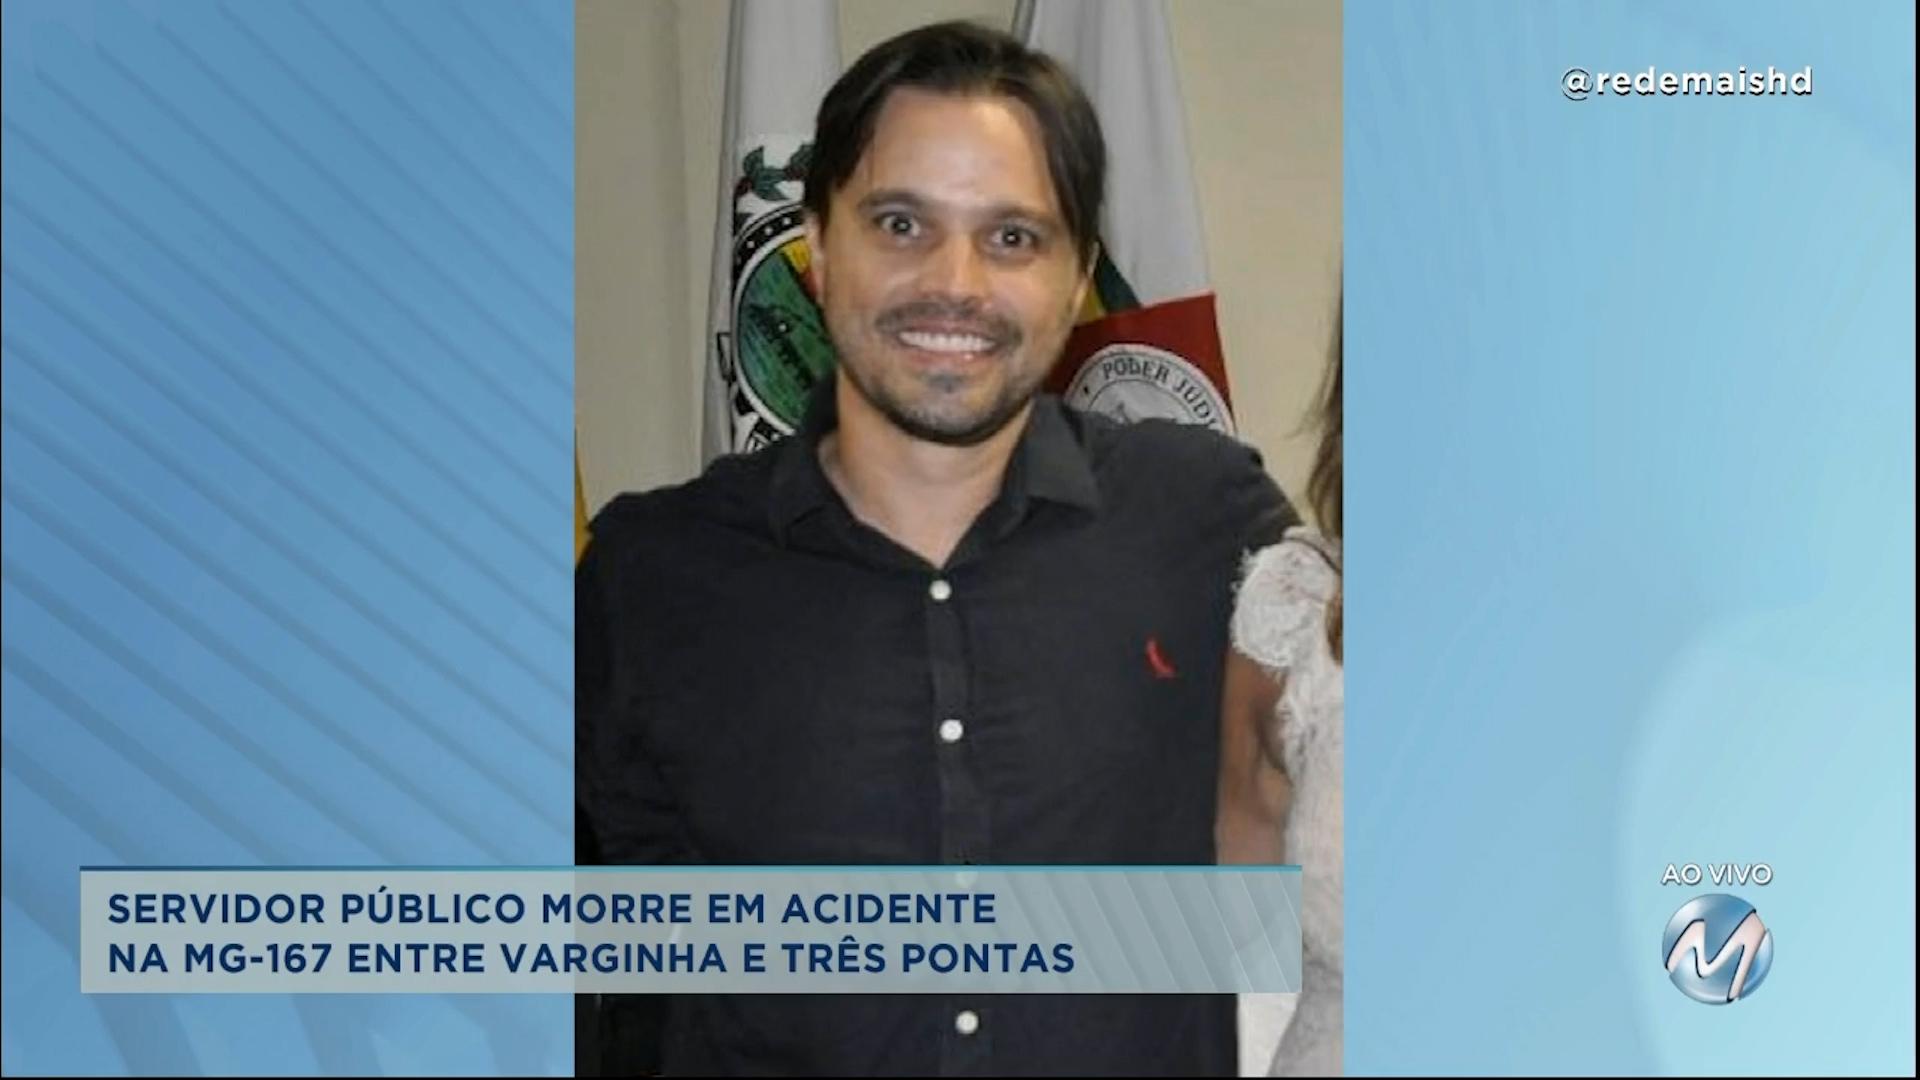 Servidor público morre em acidente entre Varginha e Três Pontas